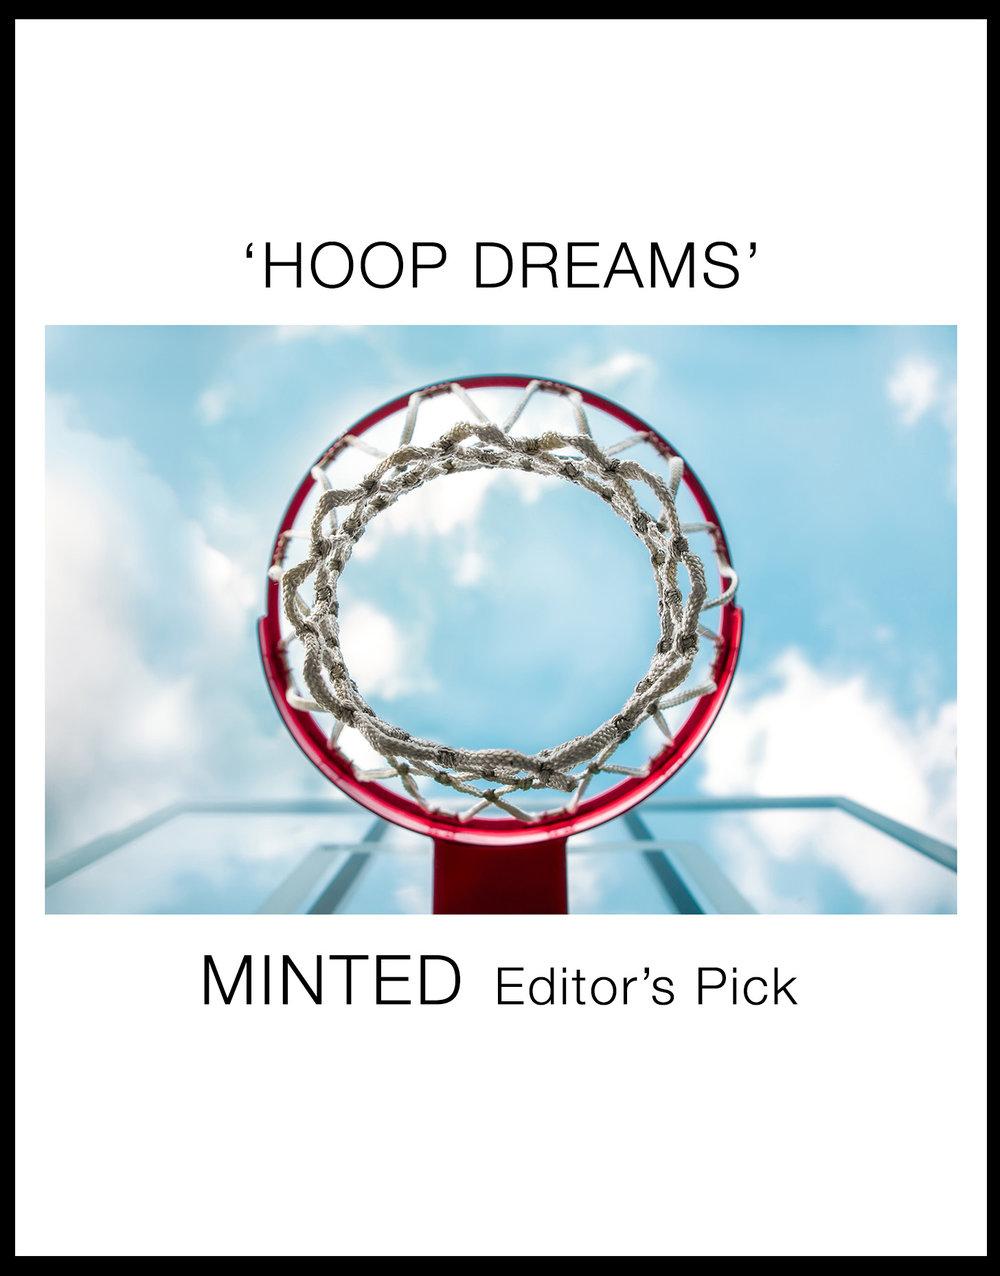 hoop2.jpg